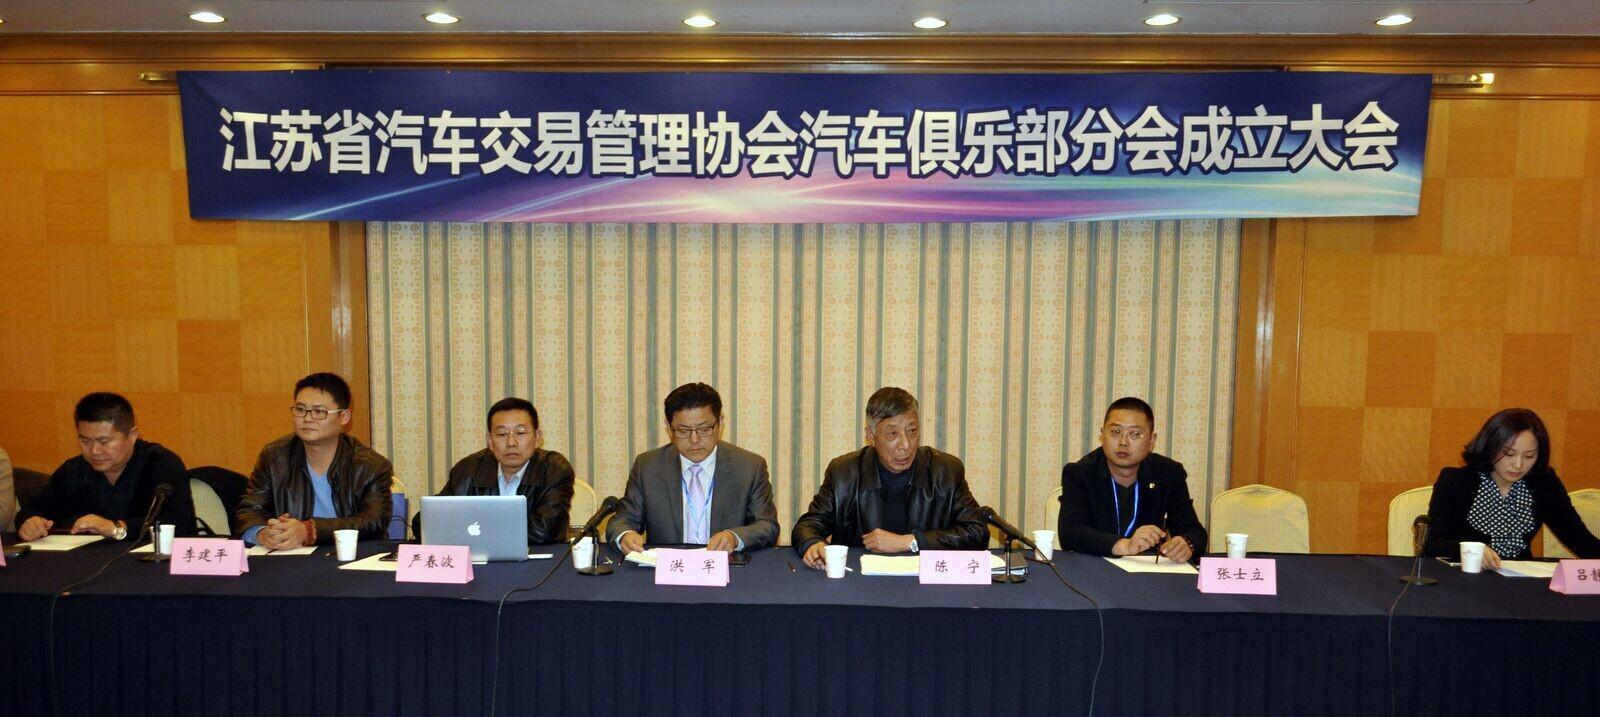 全国首家省级汽车俱乐部行业协会在江苏南京成立